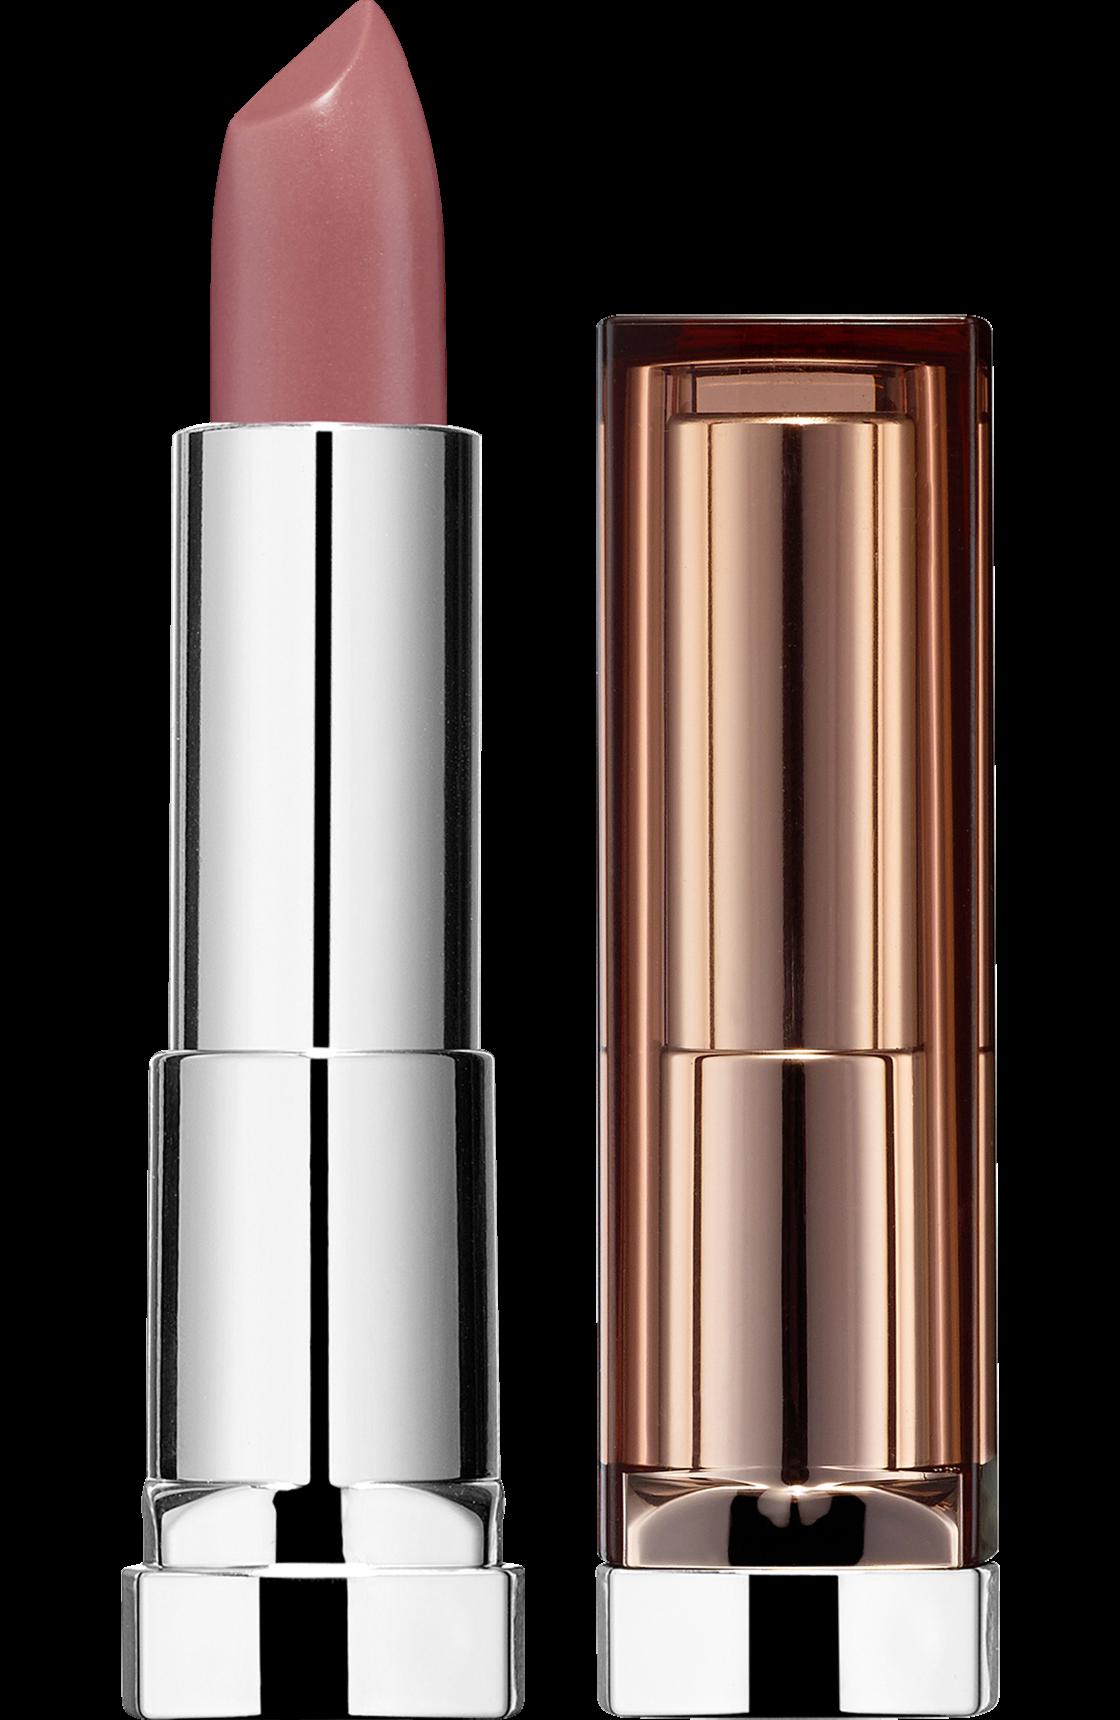 Compre Maybelline New York Lipstick Color Sensational Blushed Nudes Pink Flin 207, 4.4 g en línea a un excelente precio